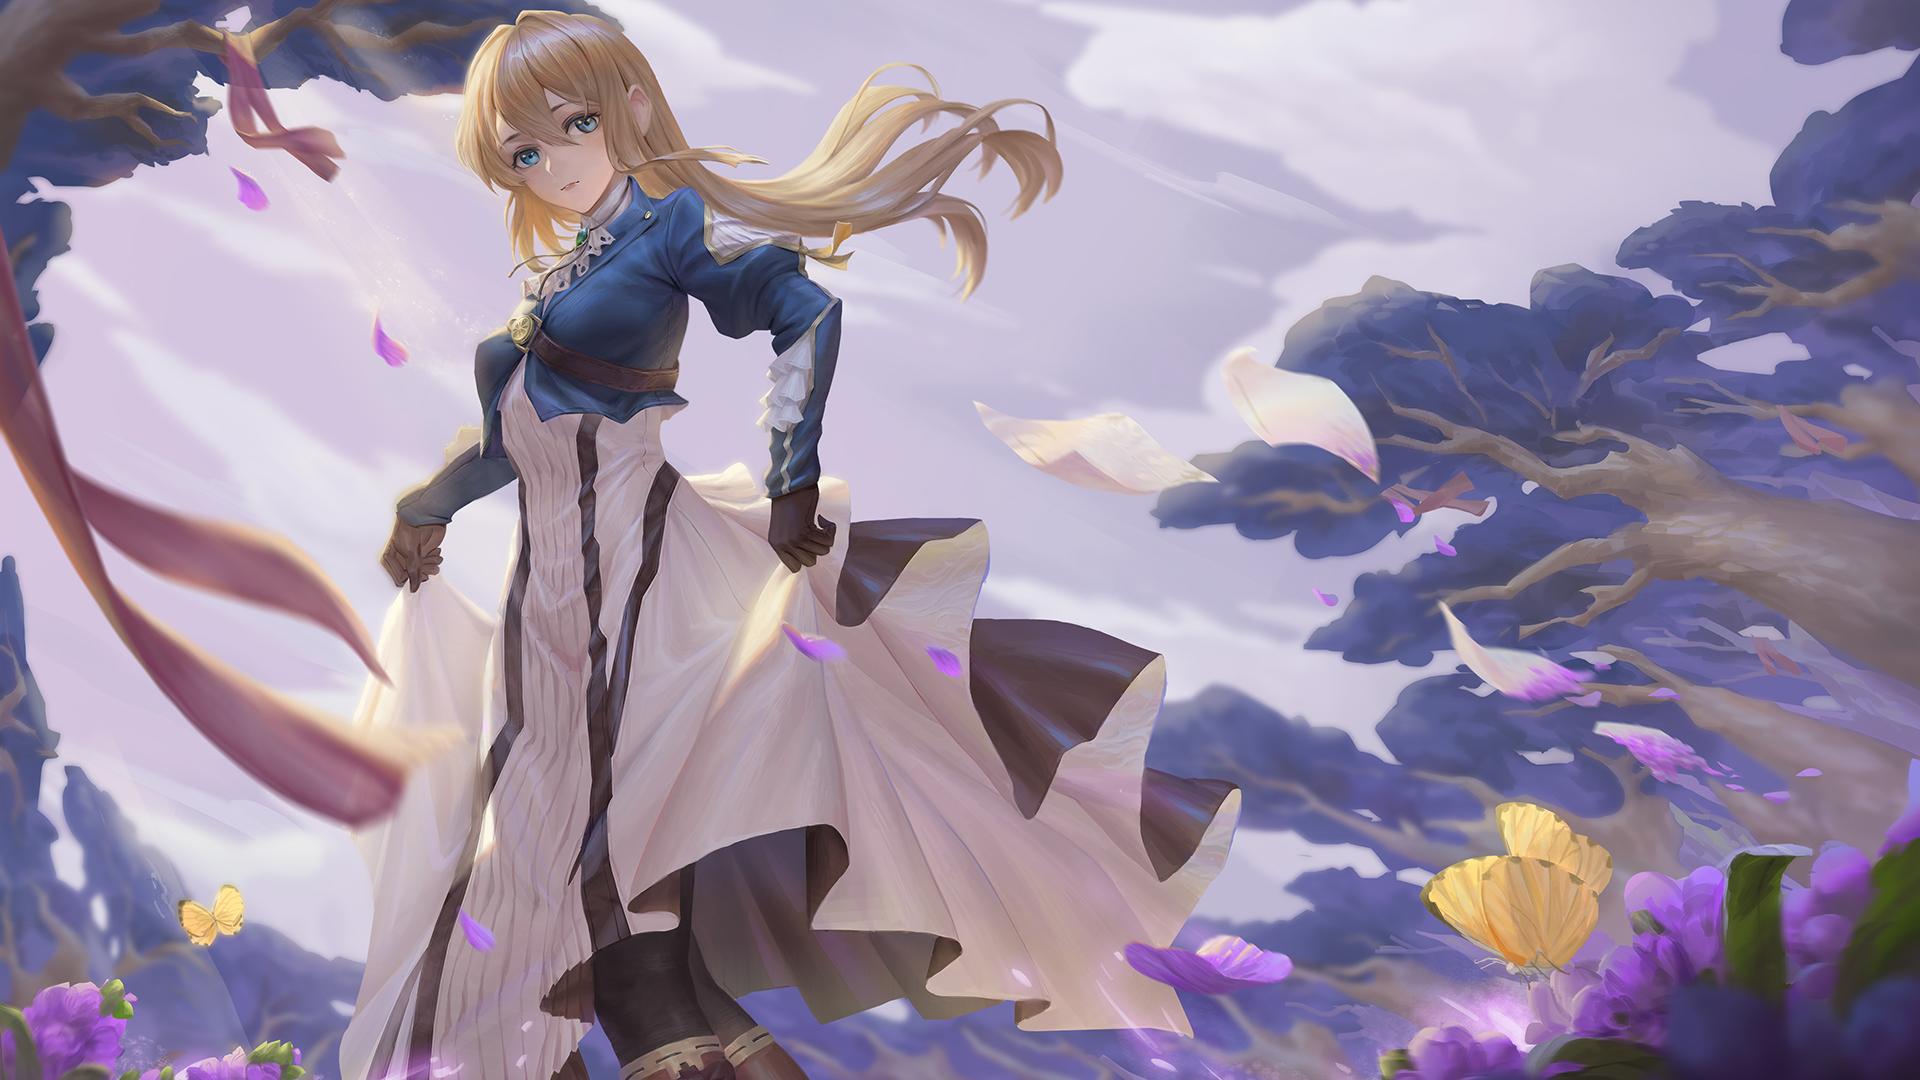 Violet Evergarden HD Wallpaper | Hintergrund | 1920x1080 ...